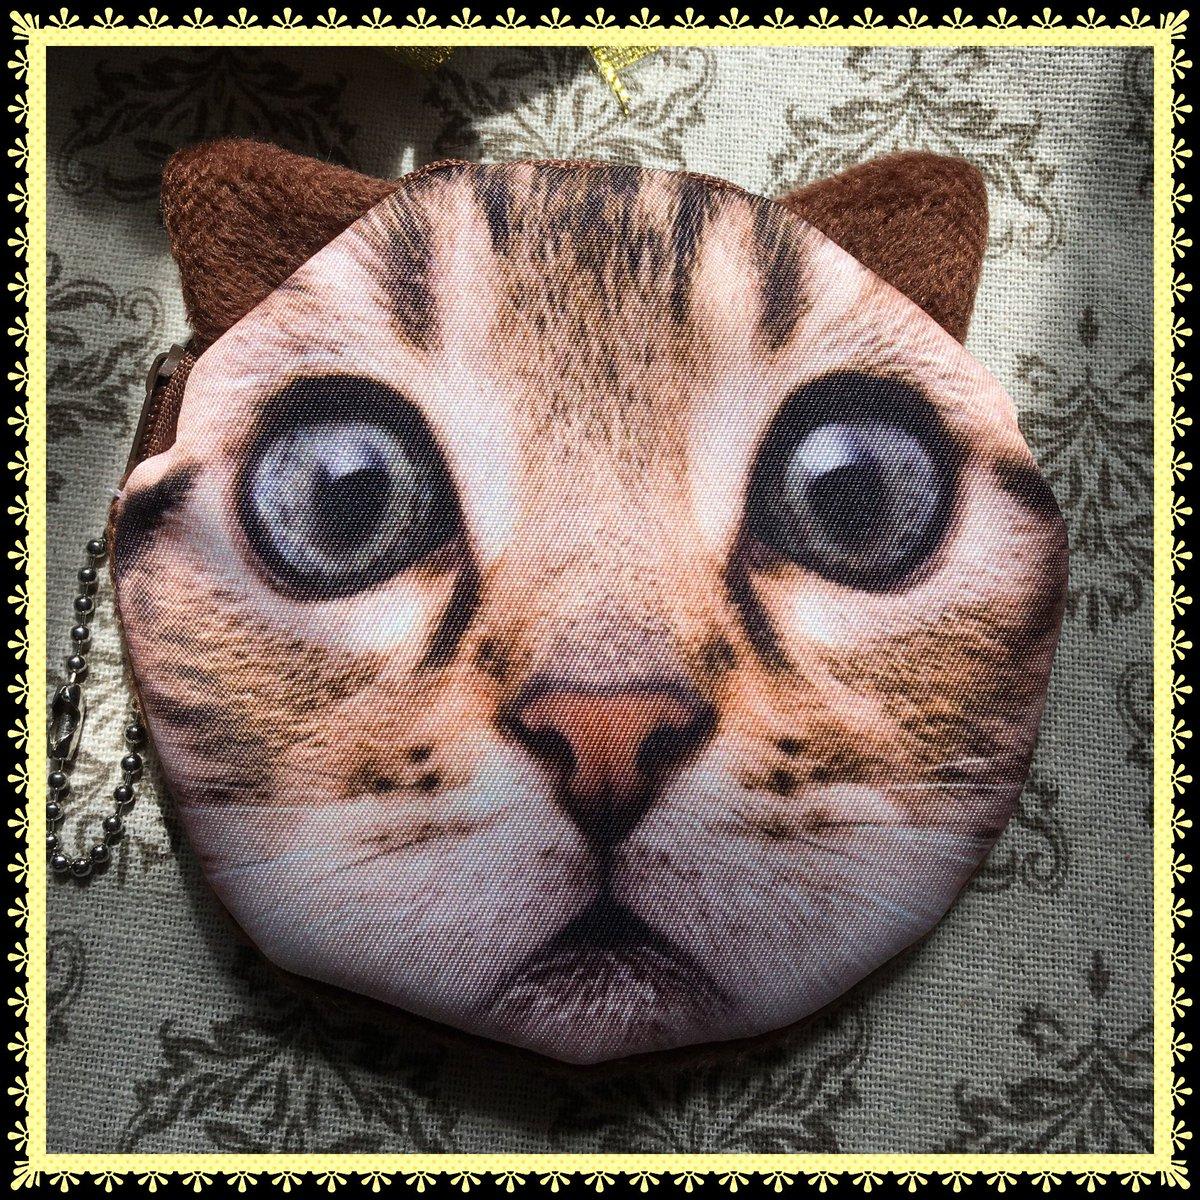 test ツイッターメディア - こんなに可愛い??のに、100円???信じられない???? #猫 #ねこグッズ #コインパース #100均一 #キャンドゥ https://t.co/WjkEmZEkxk